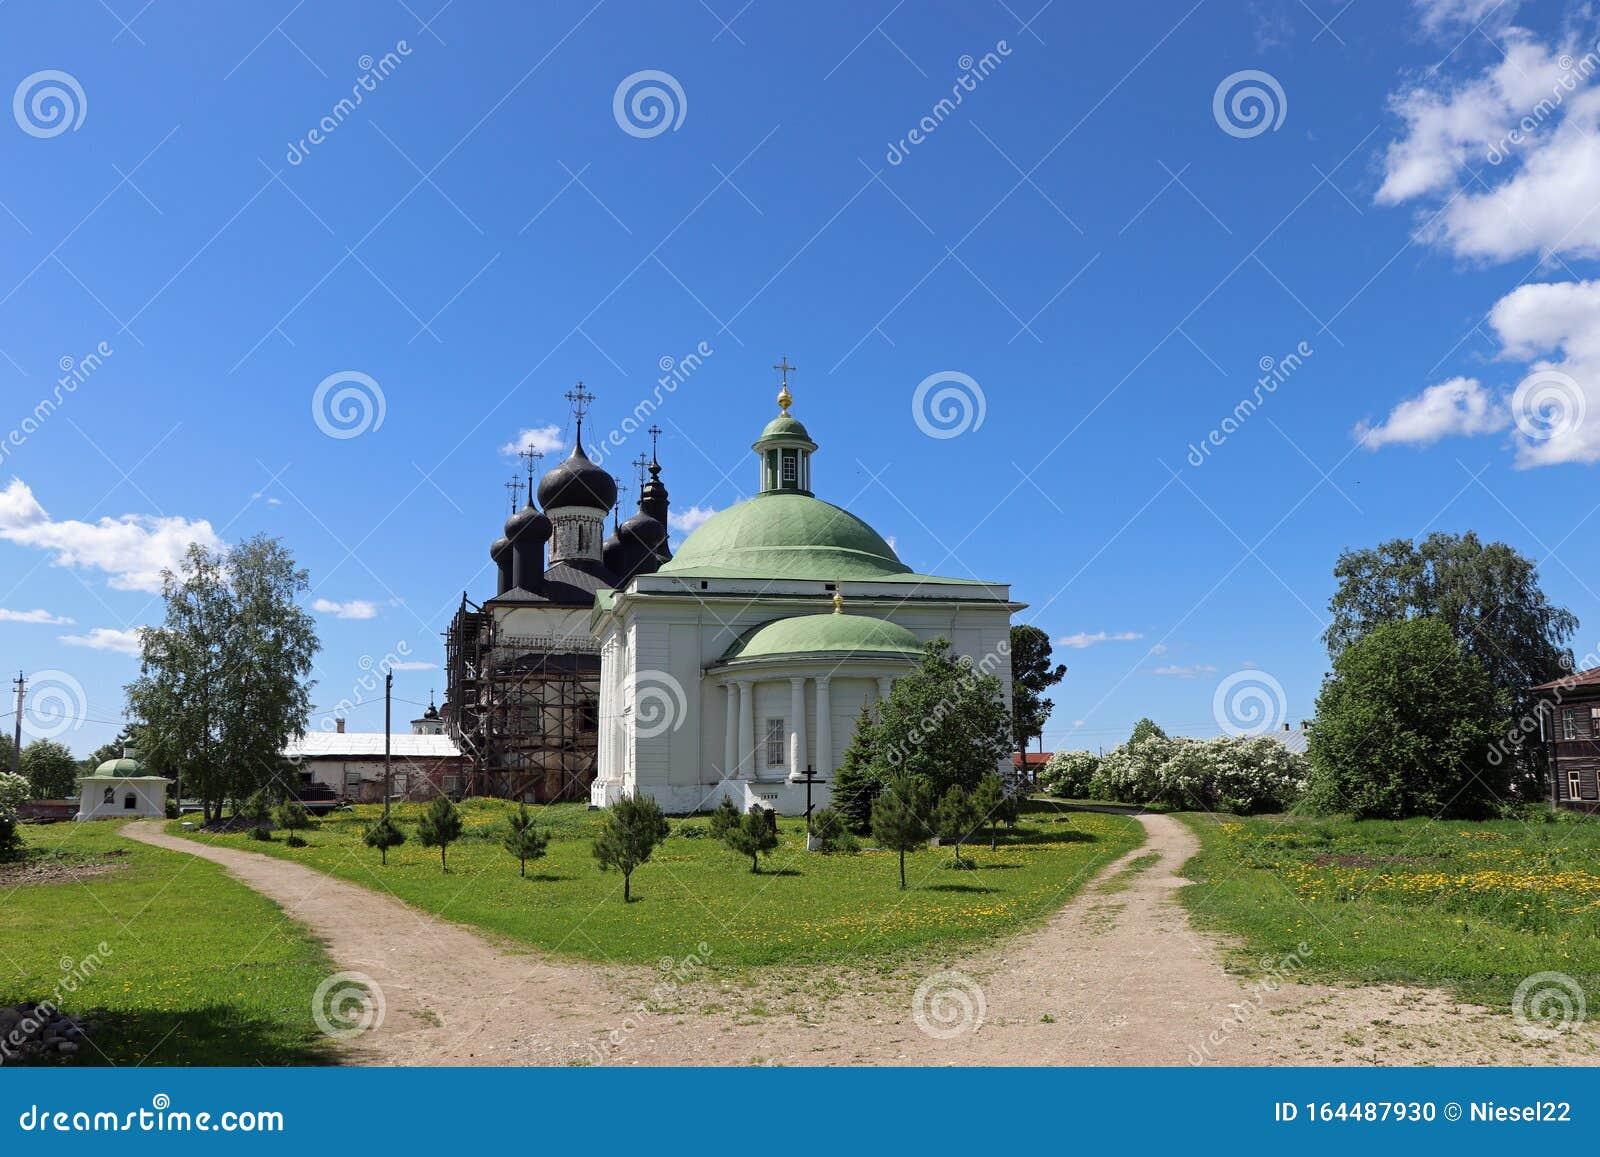 Orthodoxe Kirche In Goritsy, Russland Stockfoto - Bild von